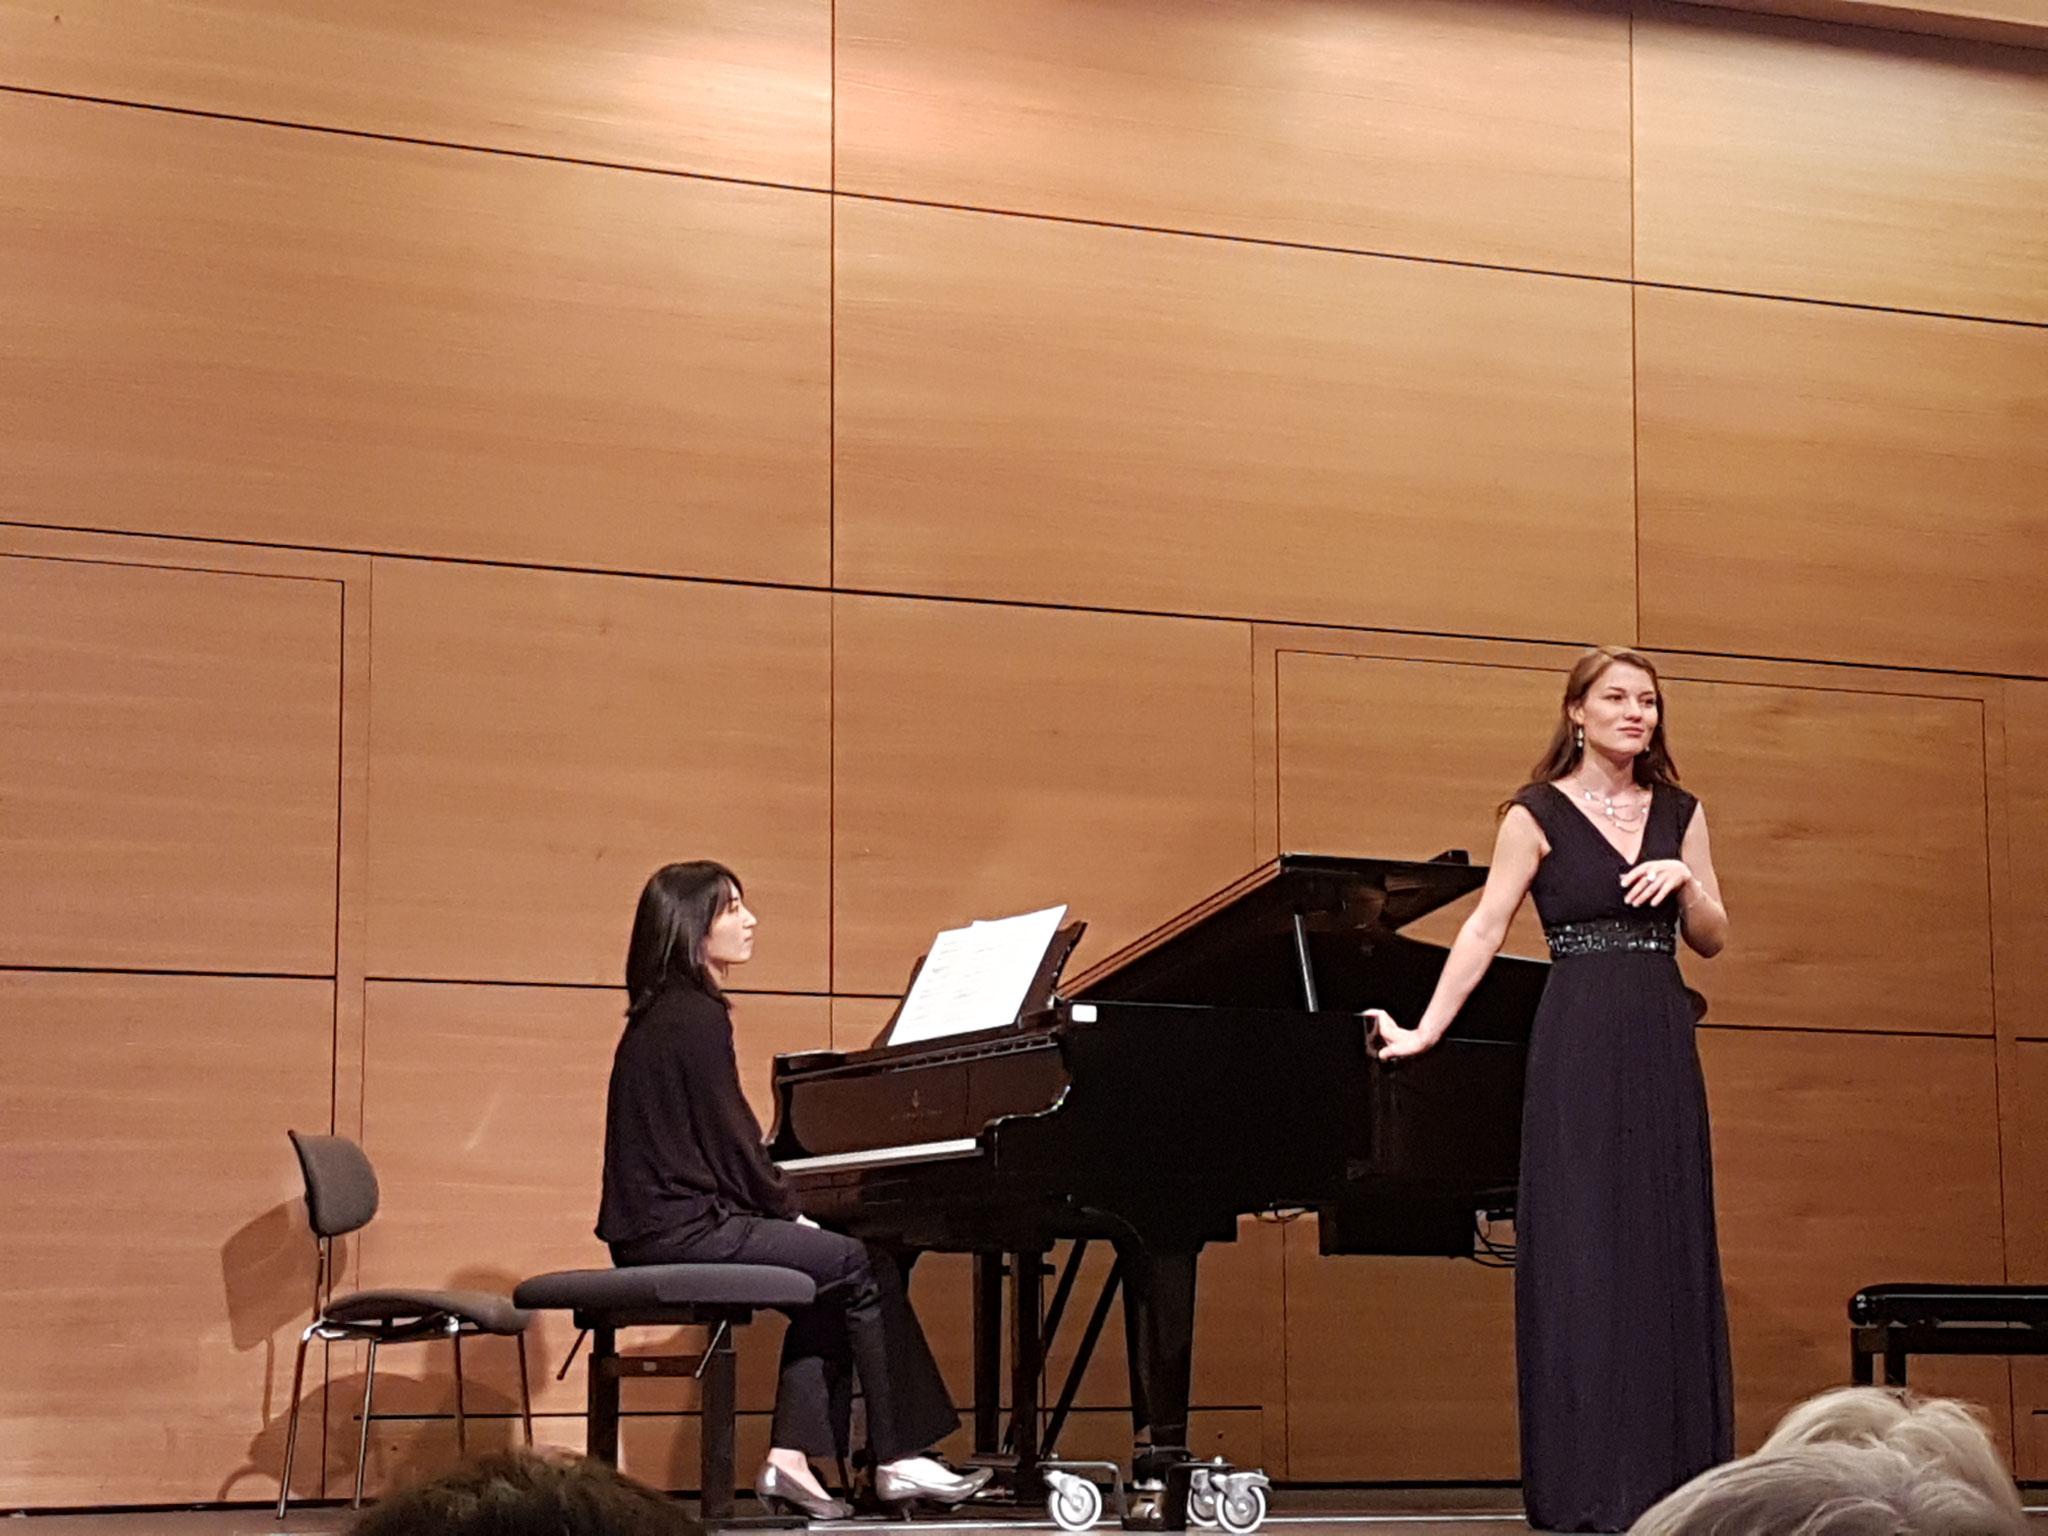 Konzert in Kooperation mit der Hochschule für Musik am 1.12.2017